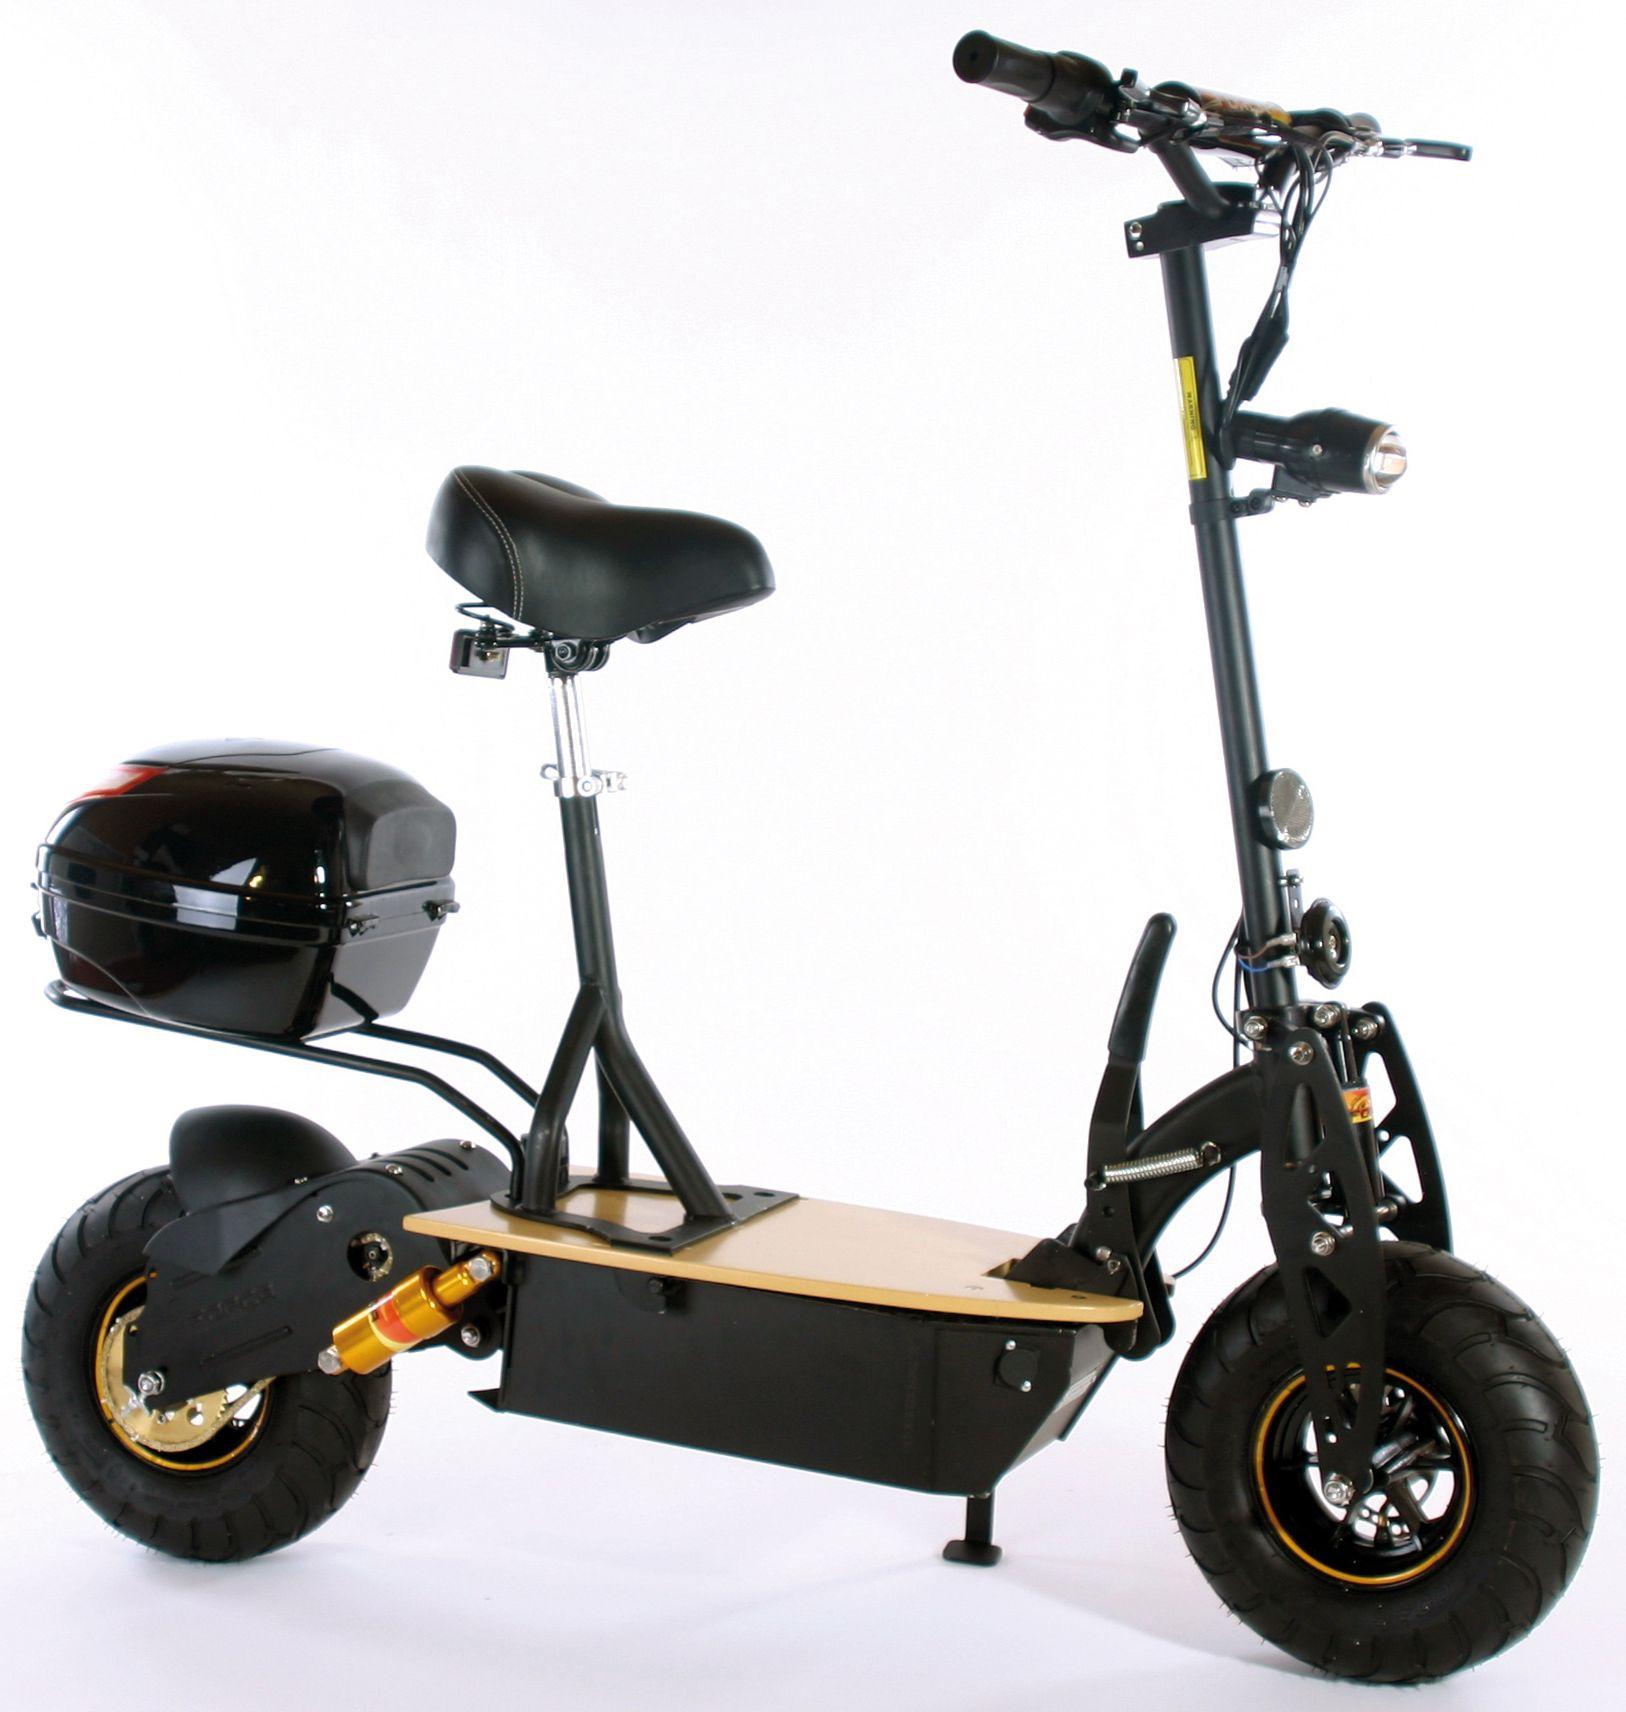 DIDI THURAU EDITION Didi Thurau Edition Elektro-Roller Eco-City-Liner, 45 km/h, »Speed Basic«